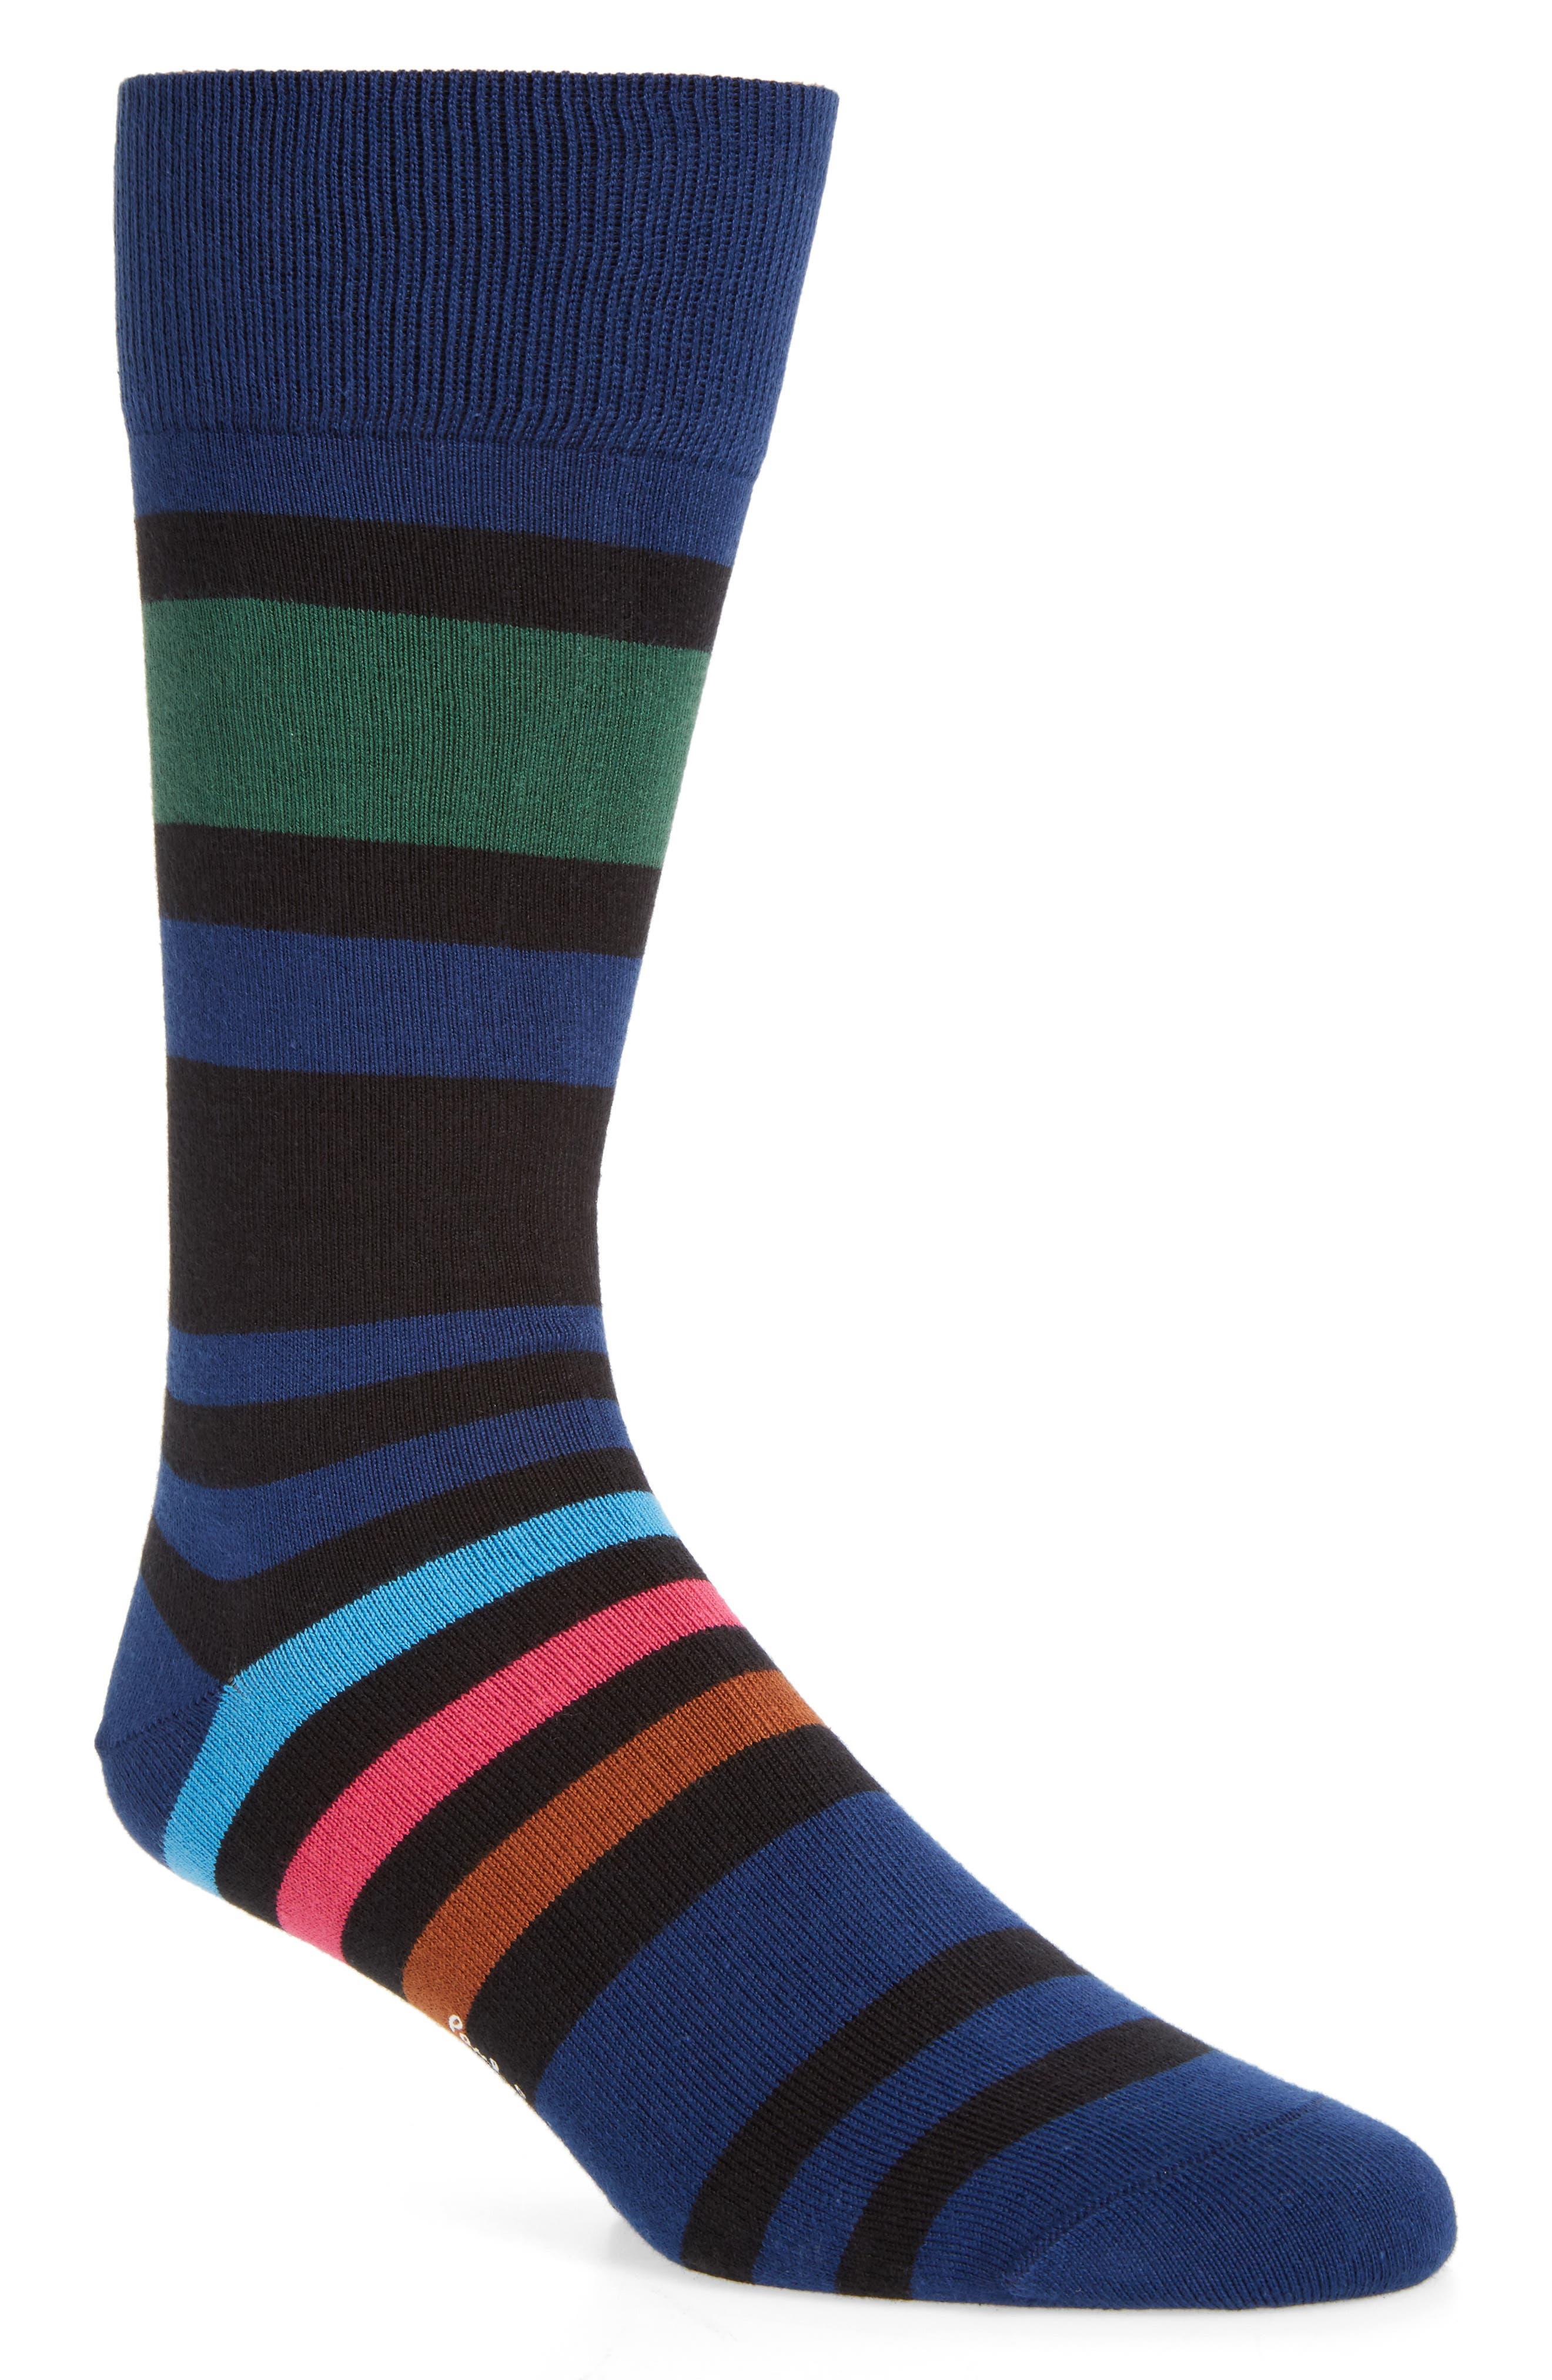 Alternate Image 1 Selected - Paul Smith Odd Block Stripe Socks